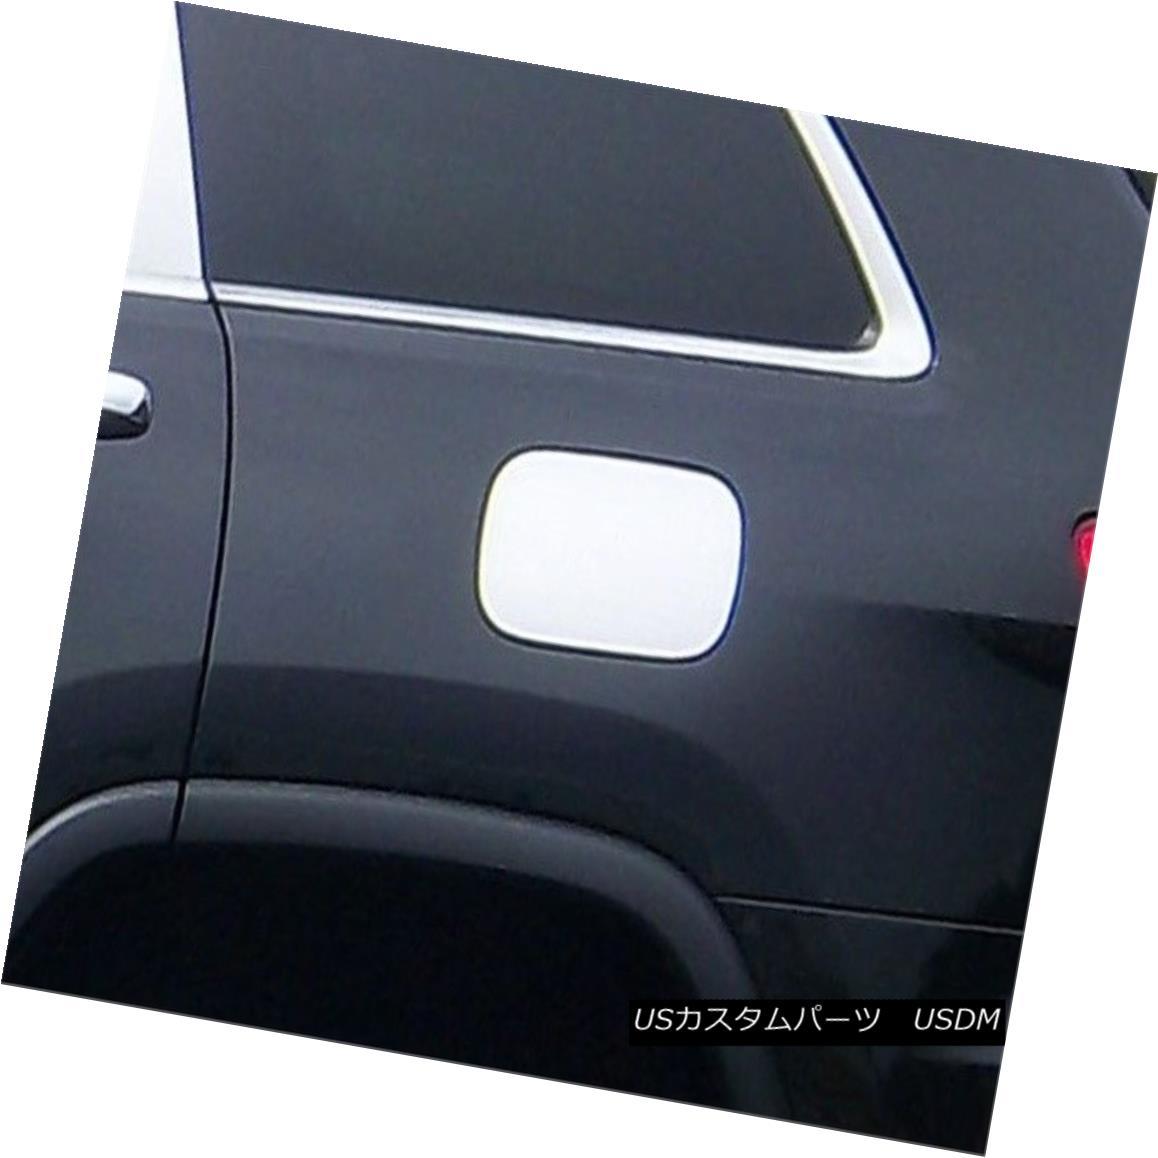 グリル Fits 2011-2016 JEEP GRAND CHEROKEE 4-door, SUV -Stainless Steel GAS CAP DOOR 2011年から2016年のJEEP GRAND CHEROKEE 4ドアSUV - ステンレススチール製GAS CAP DOOR